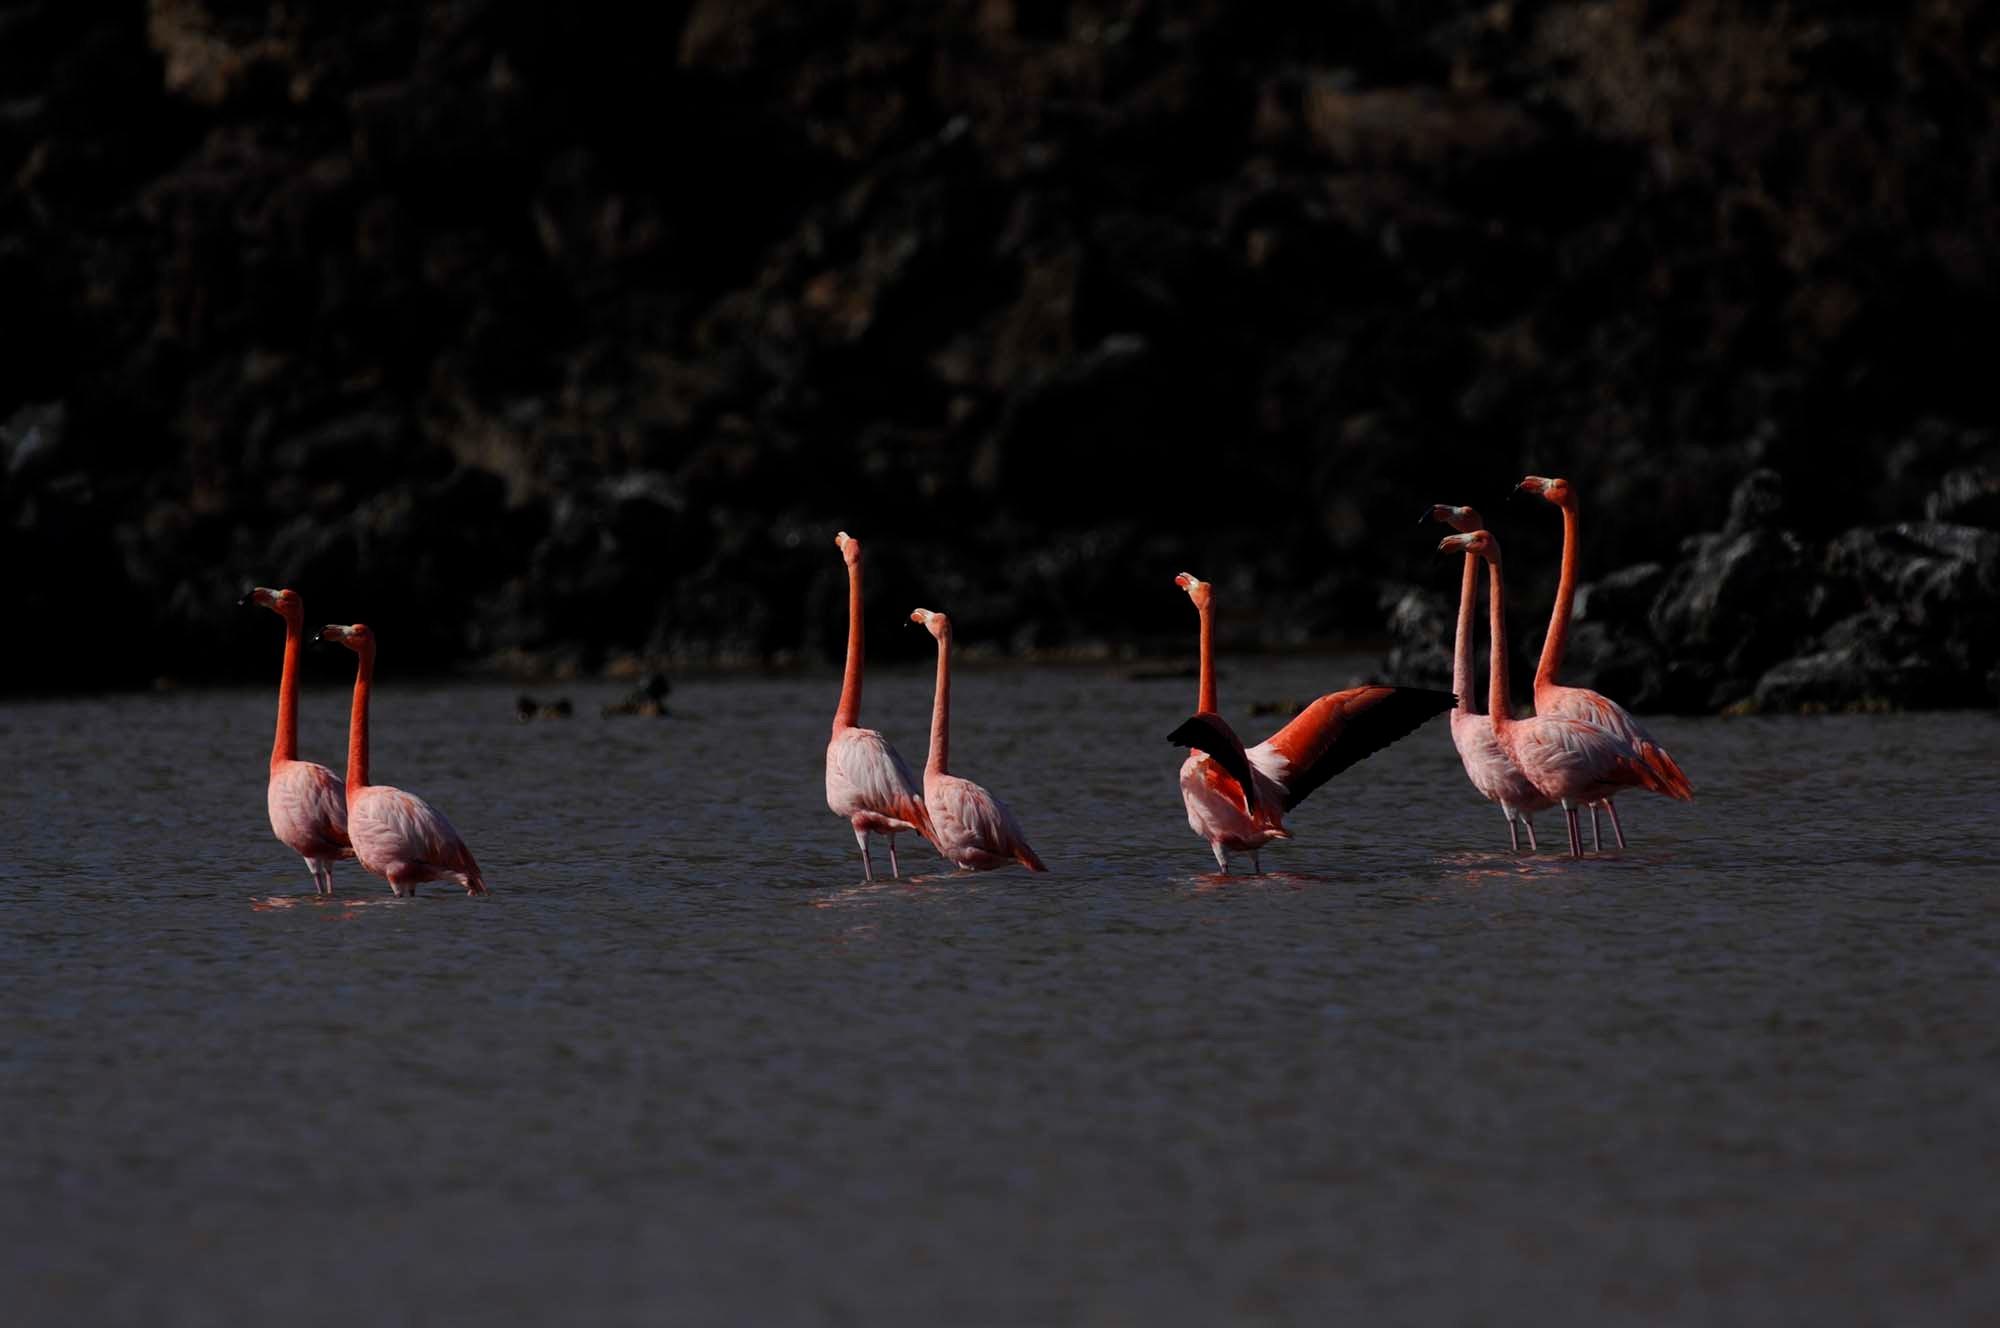 Flamingos Lagoon